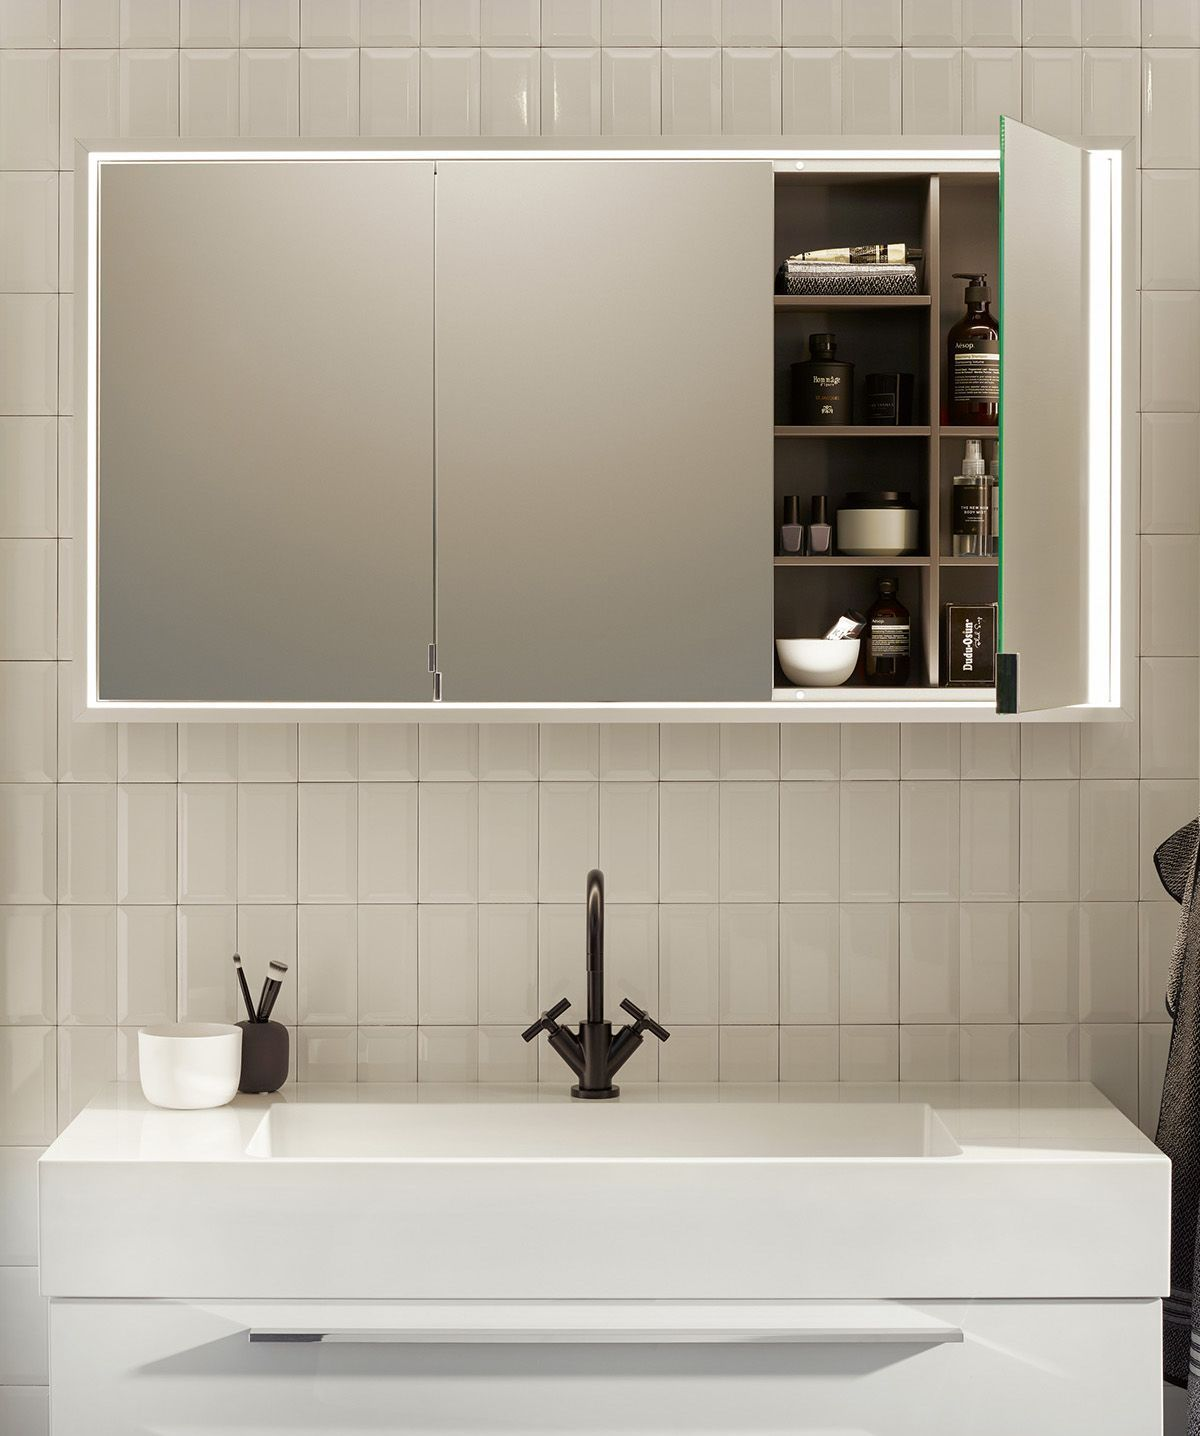 Burgbad Crono Aufputz Und Einbau Spiegelschrank Mit Umlaufendem Led Licht Produktdesign Nexus Produ In 2020 Bathroom Mirror Storage Mirror Cabinets Bathroom Mirror